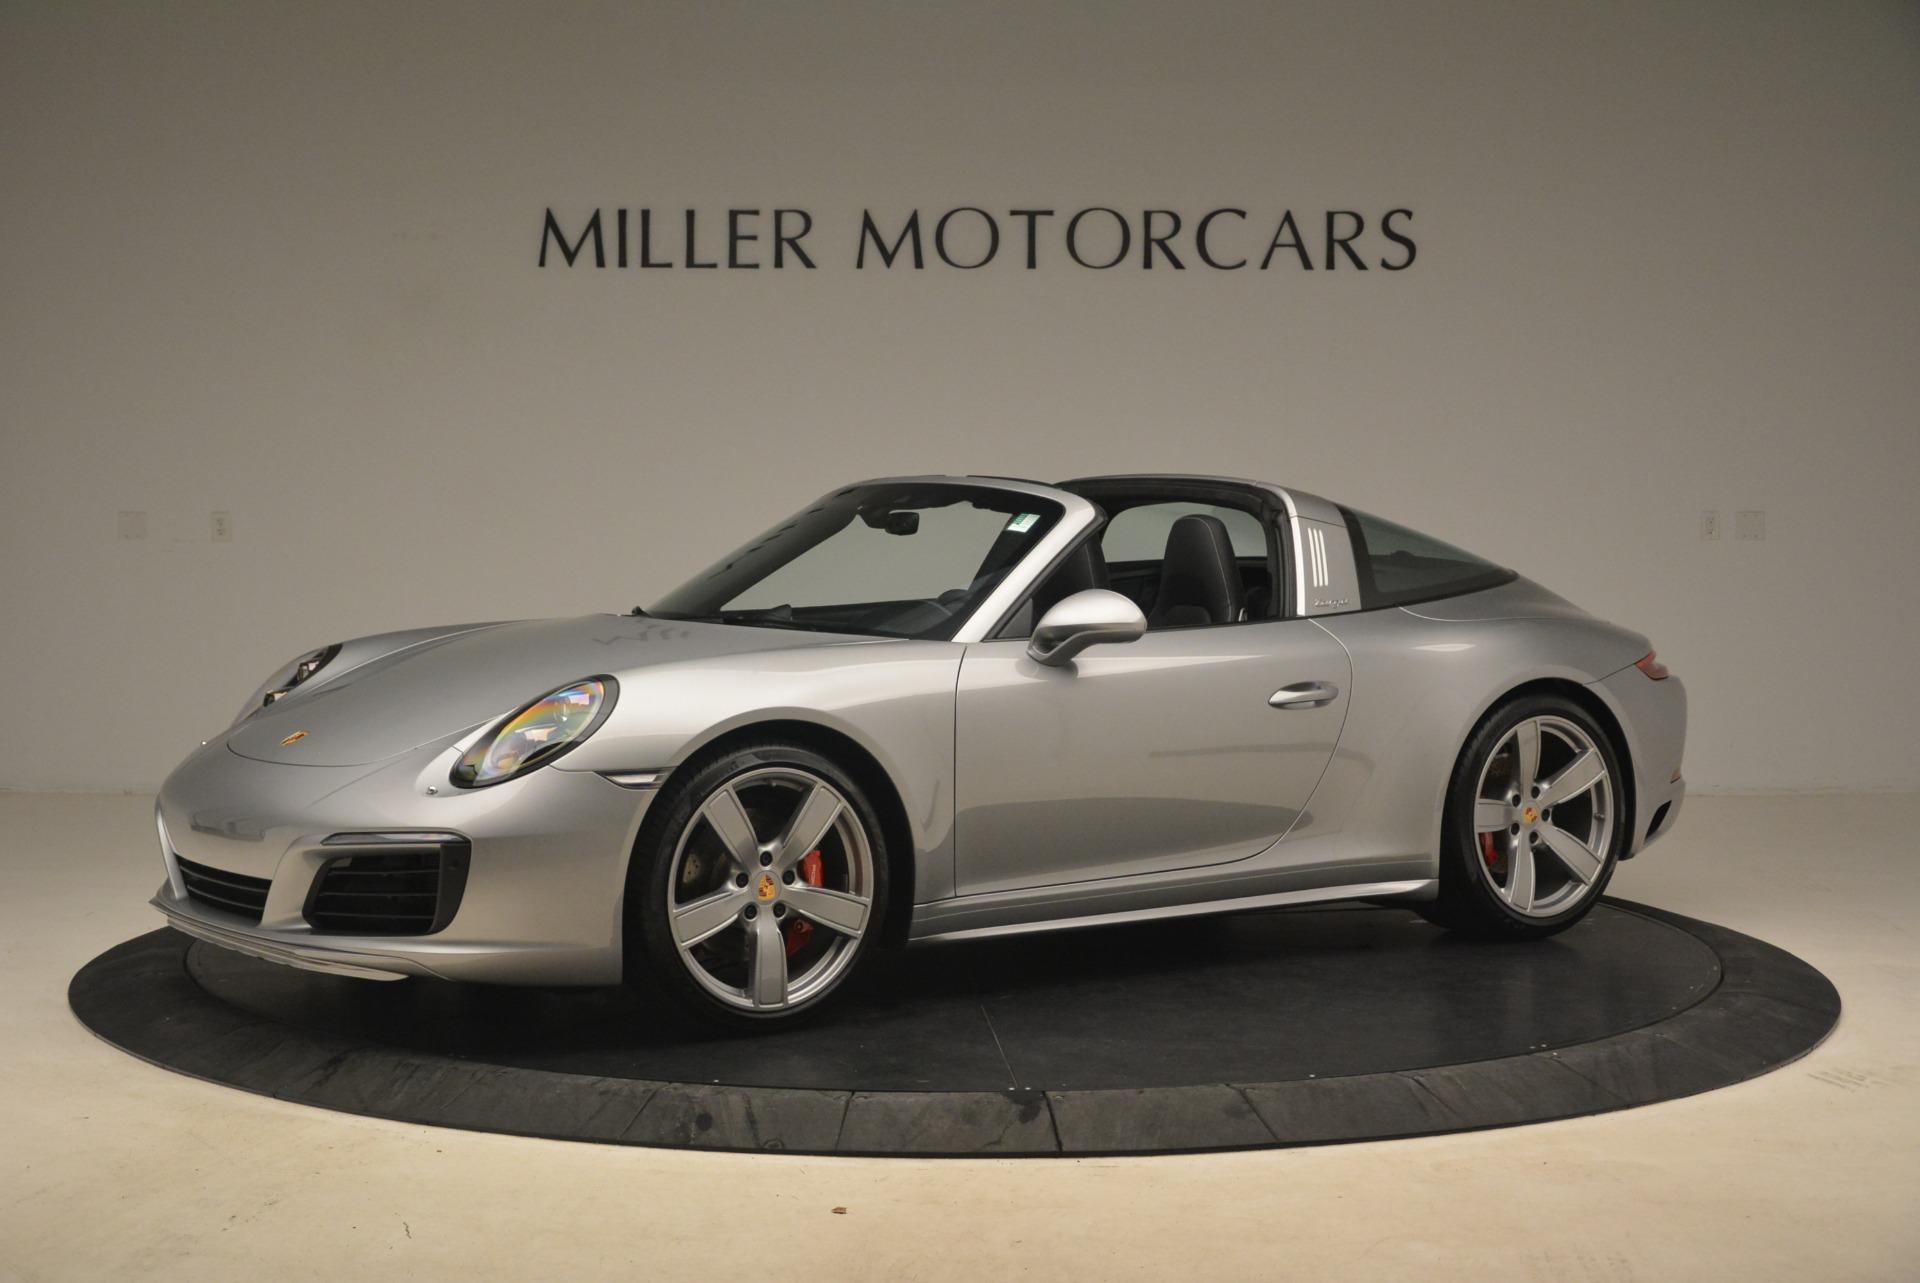 Pre Owned 2017 Porsche 911 Targa 4s For Sale Miller Motorcars Stock 7464